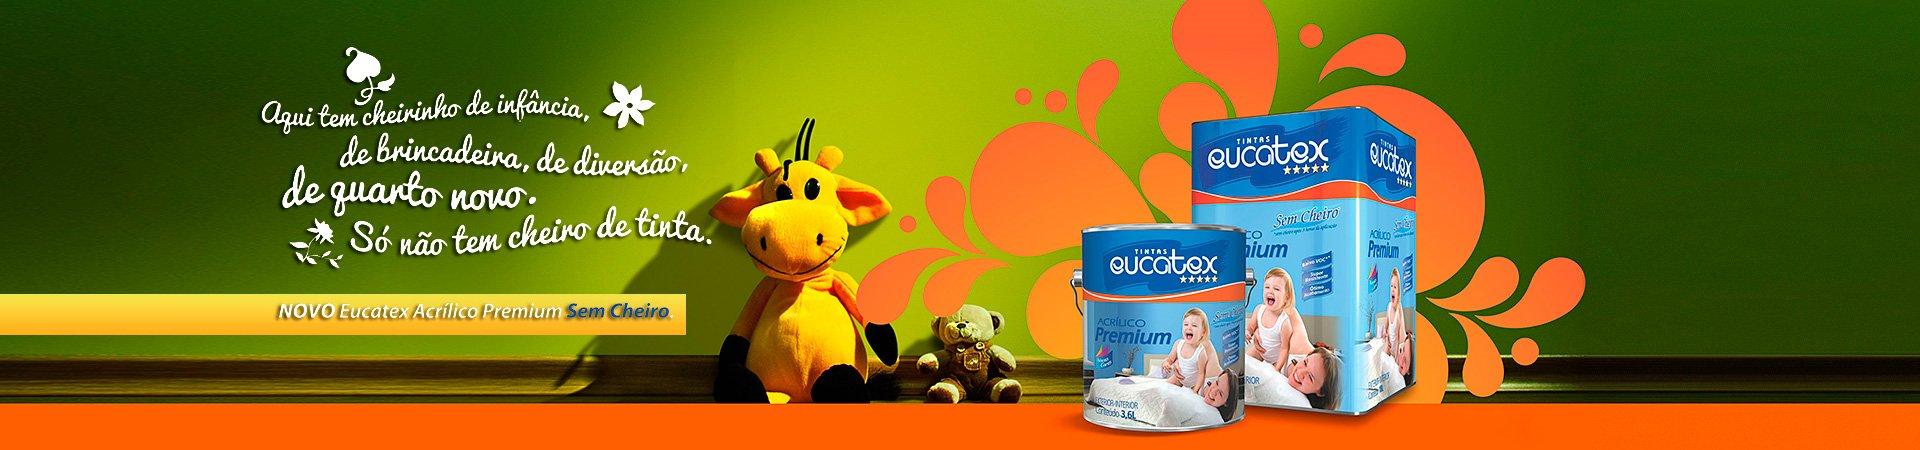 Banner de Imagens - Novo Eucatex Acrilico Premium sem cheiro